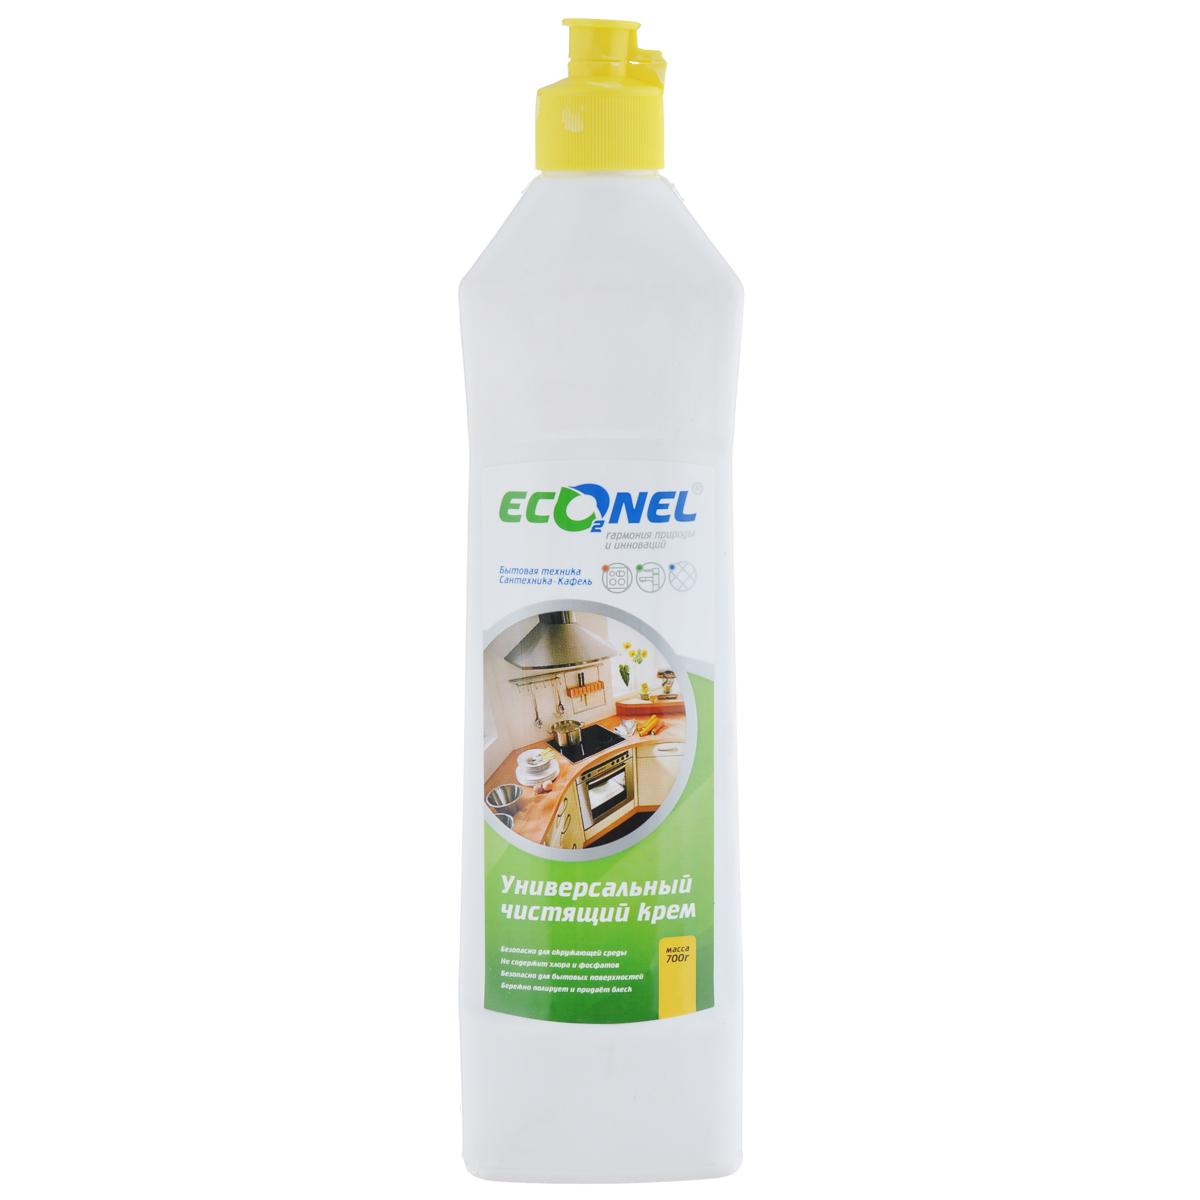 Крем чистящий Econel, универсальный, 700 г870240Универсальное чистящее средство Econel деликатно и эффективно удалит стойкую грязь, жировые и известковые налеты, остатки пригоревшей еды и прочие загрязнения, характерные для кухни и ванной комнаты. Идеально подходит для чистки эмалированных, хромированных поверхностей, изделий из стекла, нержавеющей стали, фарфора, фаянса, серебра. Благодаря мягкой абразивной текстуре кремообразное средство проникает в структуру загрязнения, устраняет ее, не причиняя вреда очищаемой поверхности. Состав: менее 5%: анионные поверхностно-активные вещества, неионогенные поверхностно-активные вещества, кислота олеиновая, натр едкий, полиоксихлорид алюминия, консервант, ароматизирующая добавка; более 30%: мягкий абразивный наполнитель, вода очищенная.